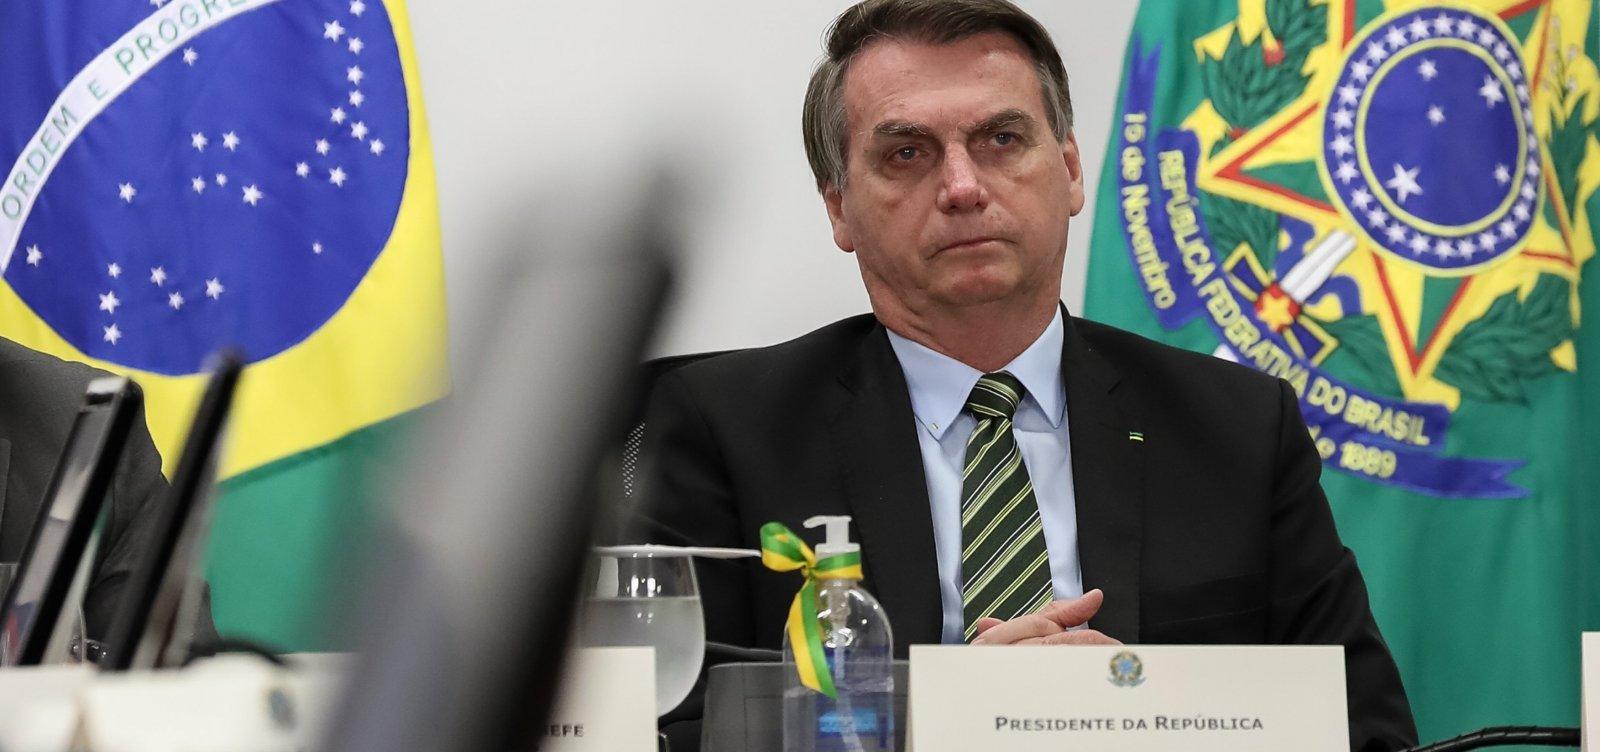 [Parlamentares acusam Bolsonaro de querer manipular números da Covid-19]